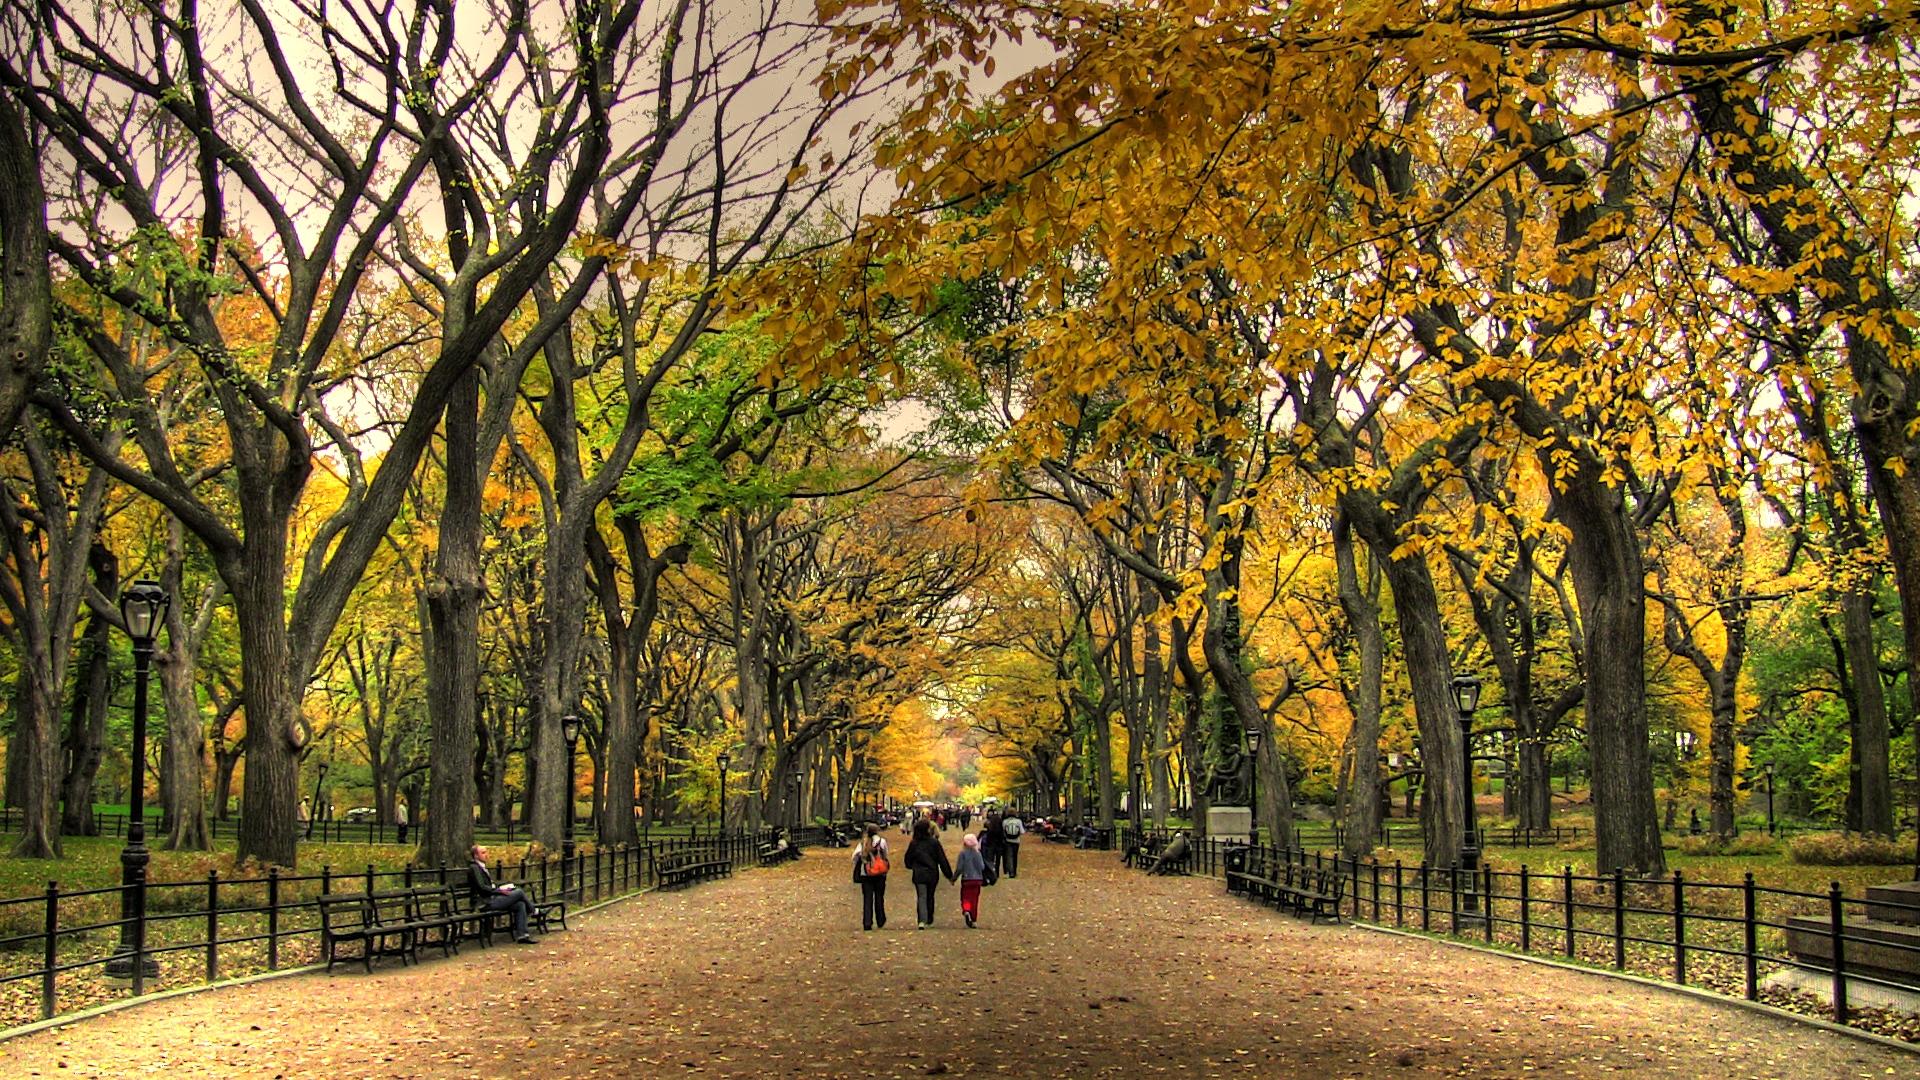 Central Park Autumn wallpaper   281797 1920x1080